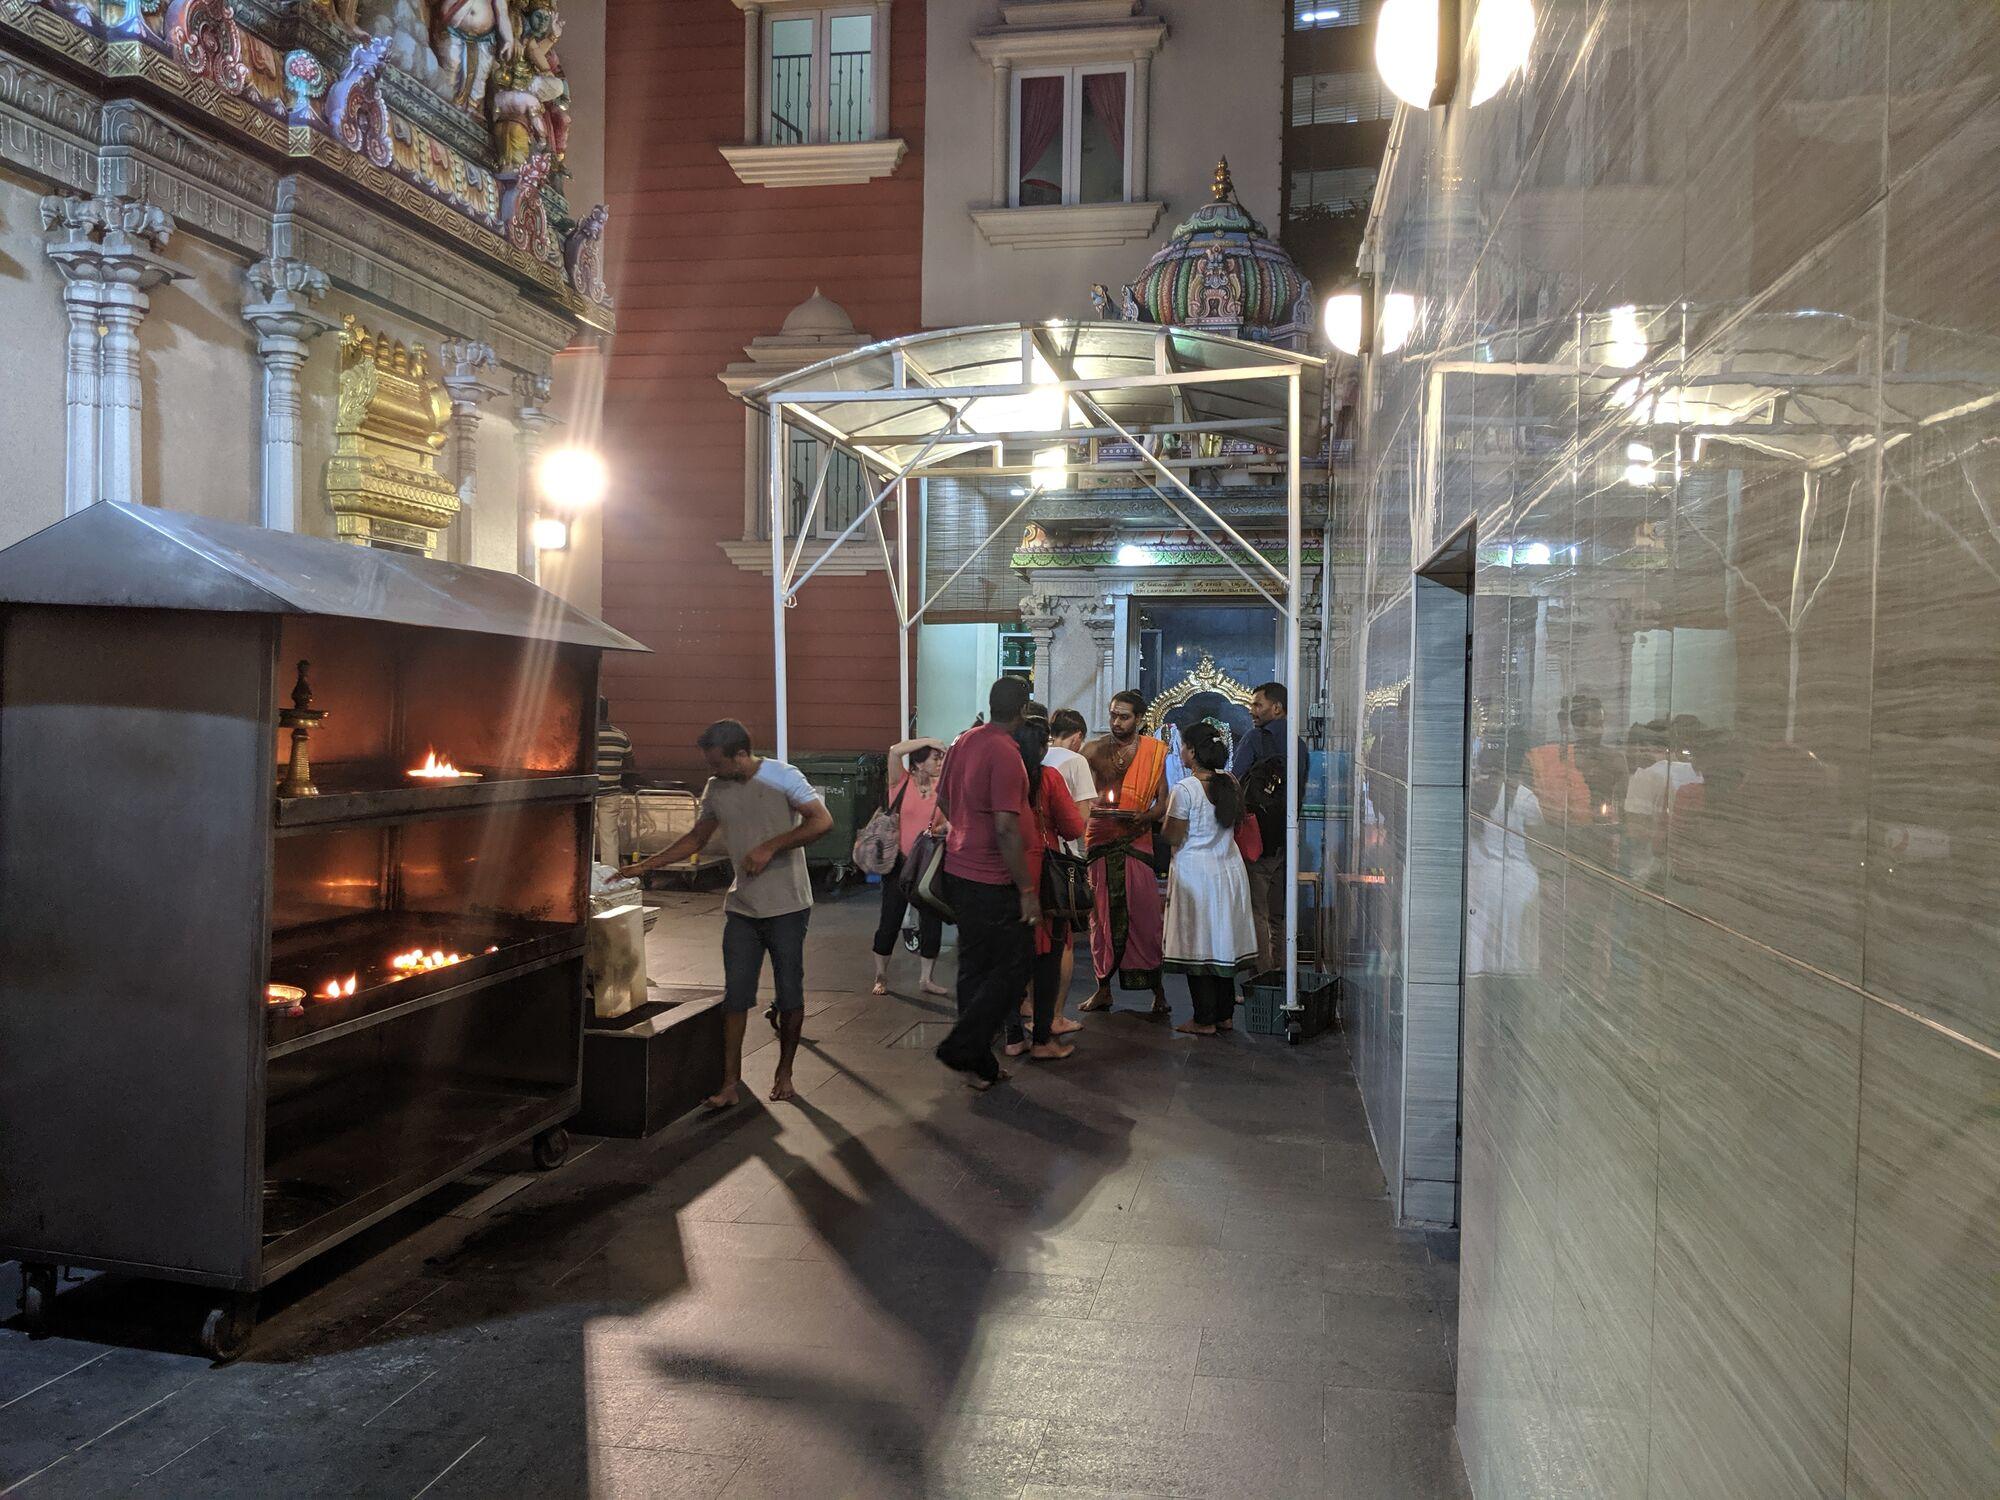 மற்ற சந்நதிகள் - ஸ்ரீ லெக்ஷ்மணர், ஸ்ரீ ராமர், ஸ்ரீ சீதா தேவி